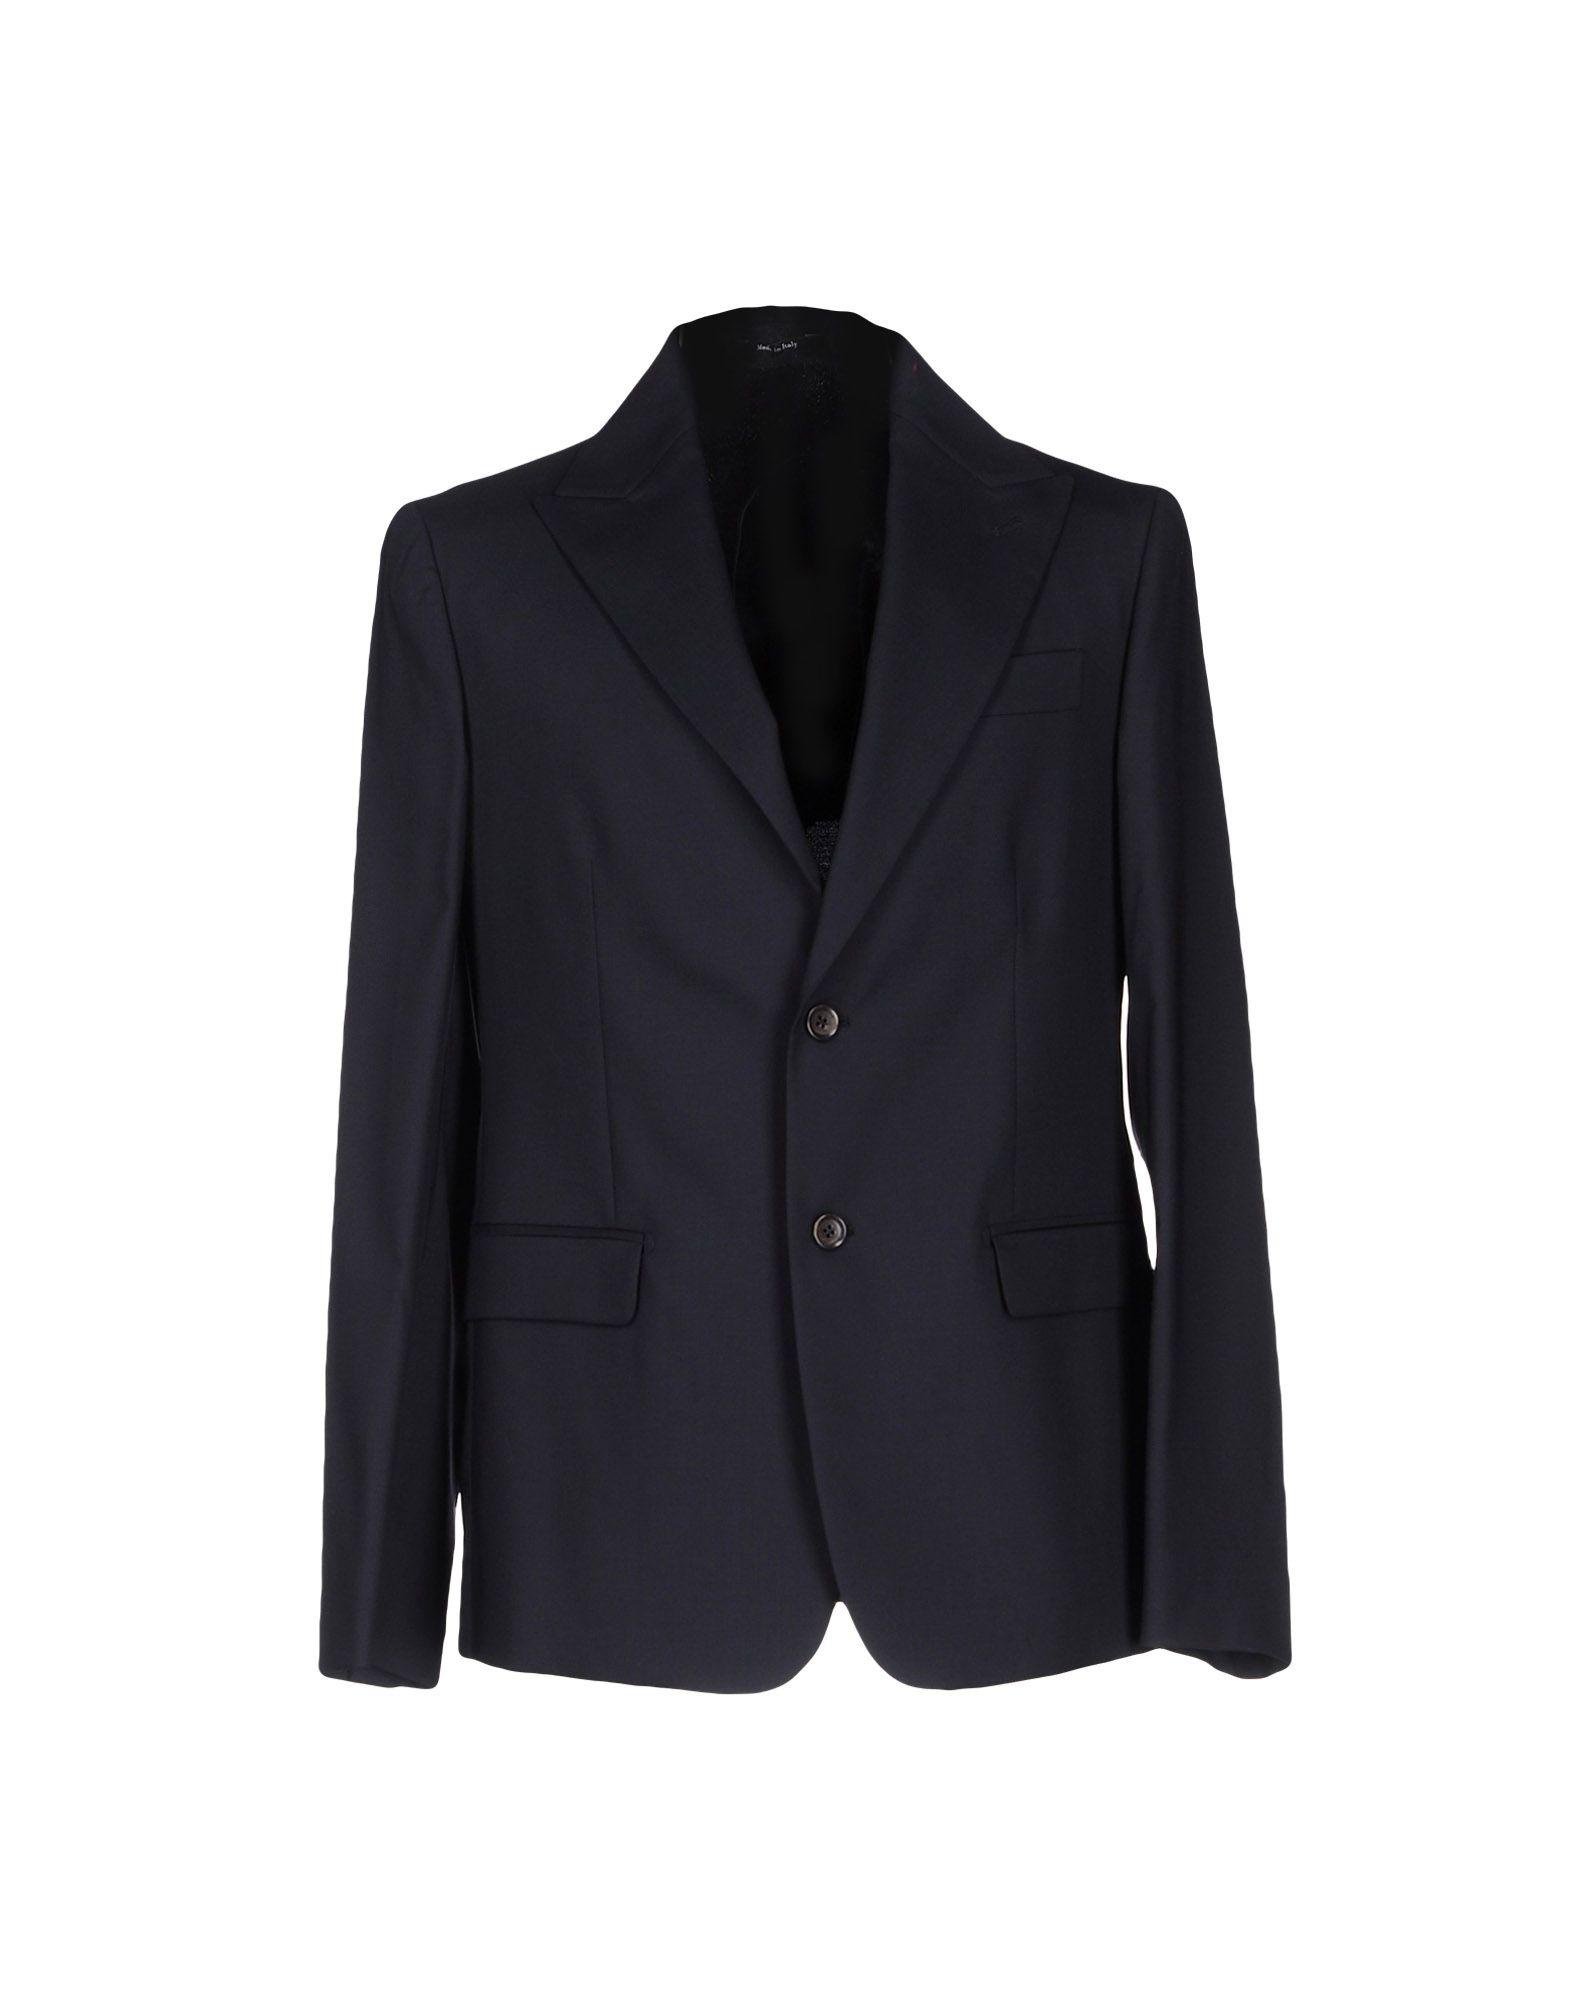 ANDREA INCONTRI Blazer in Dark Blue